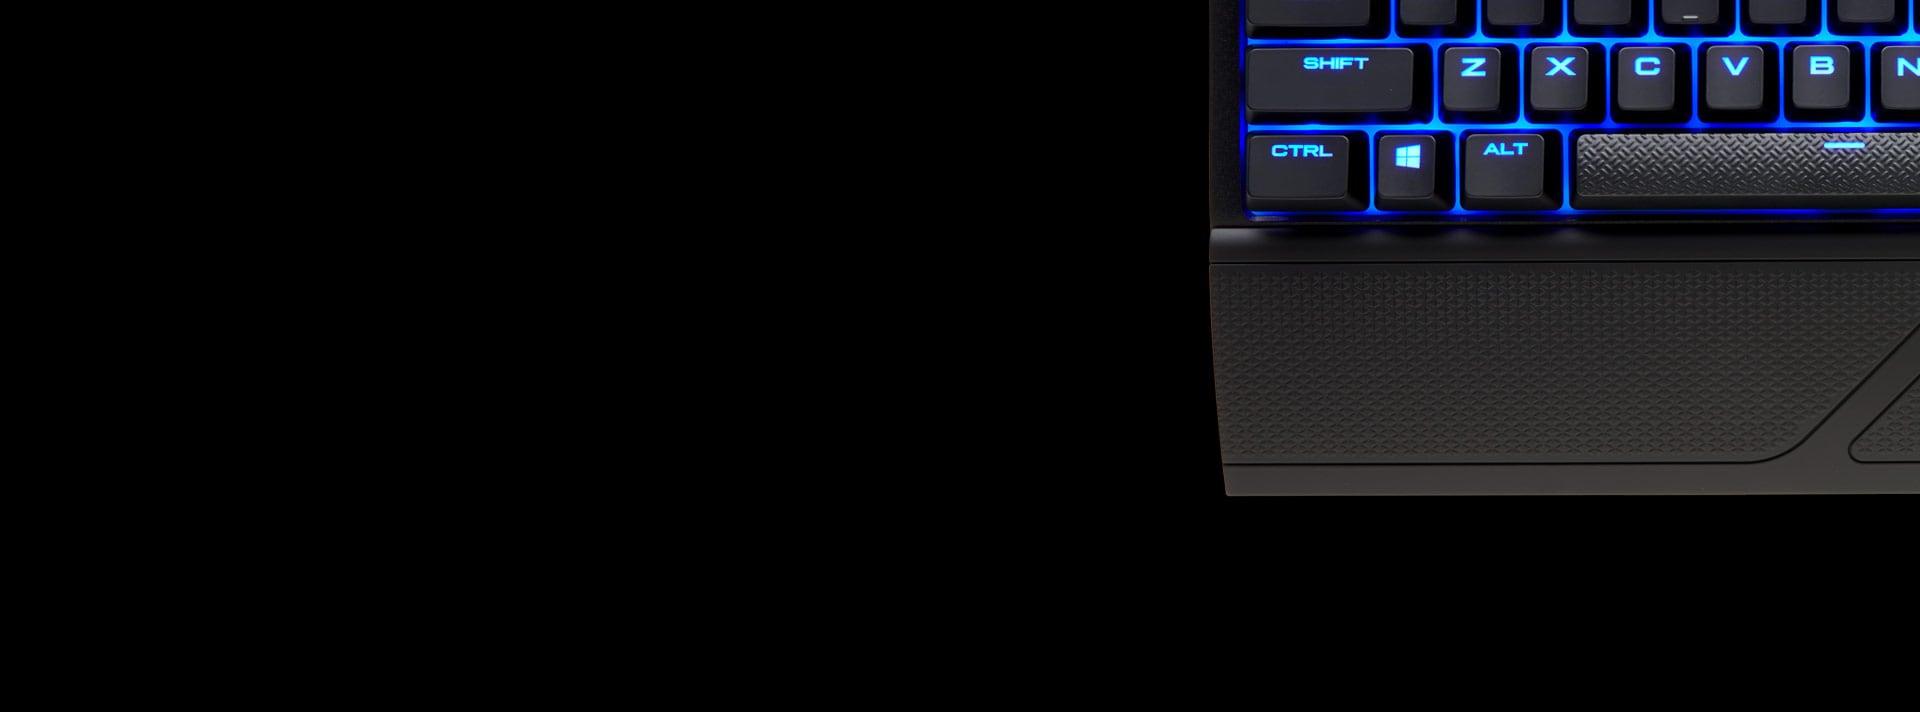 Bàn phím cơ Corsair K63 Wireless - Cherry MX Red (USB/Blue Led) (CH-9145030-NA) trang bị kê tay có thể tháo rời